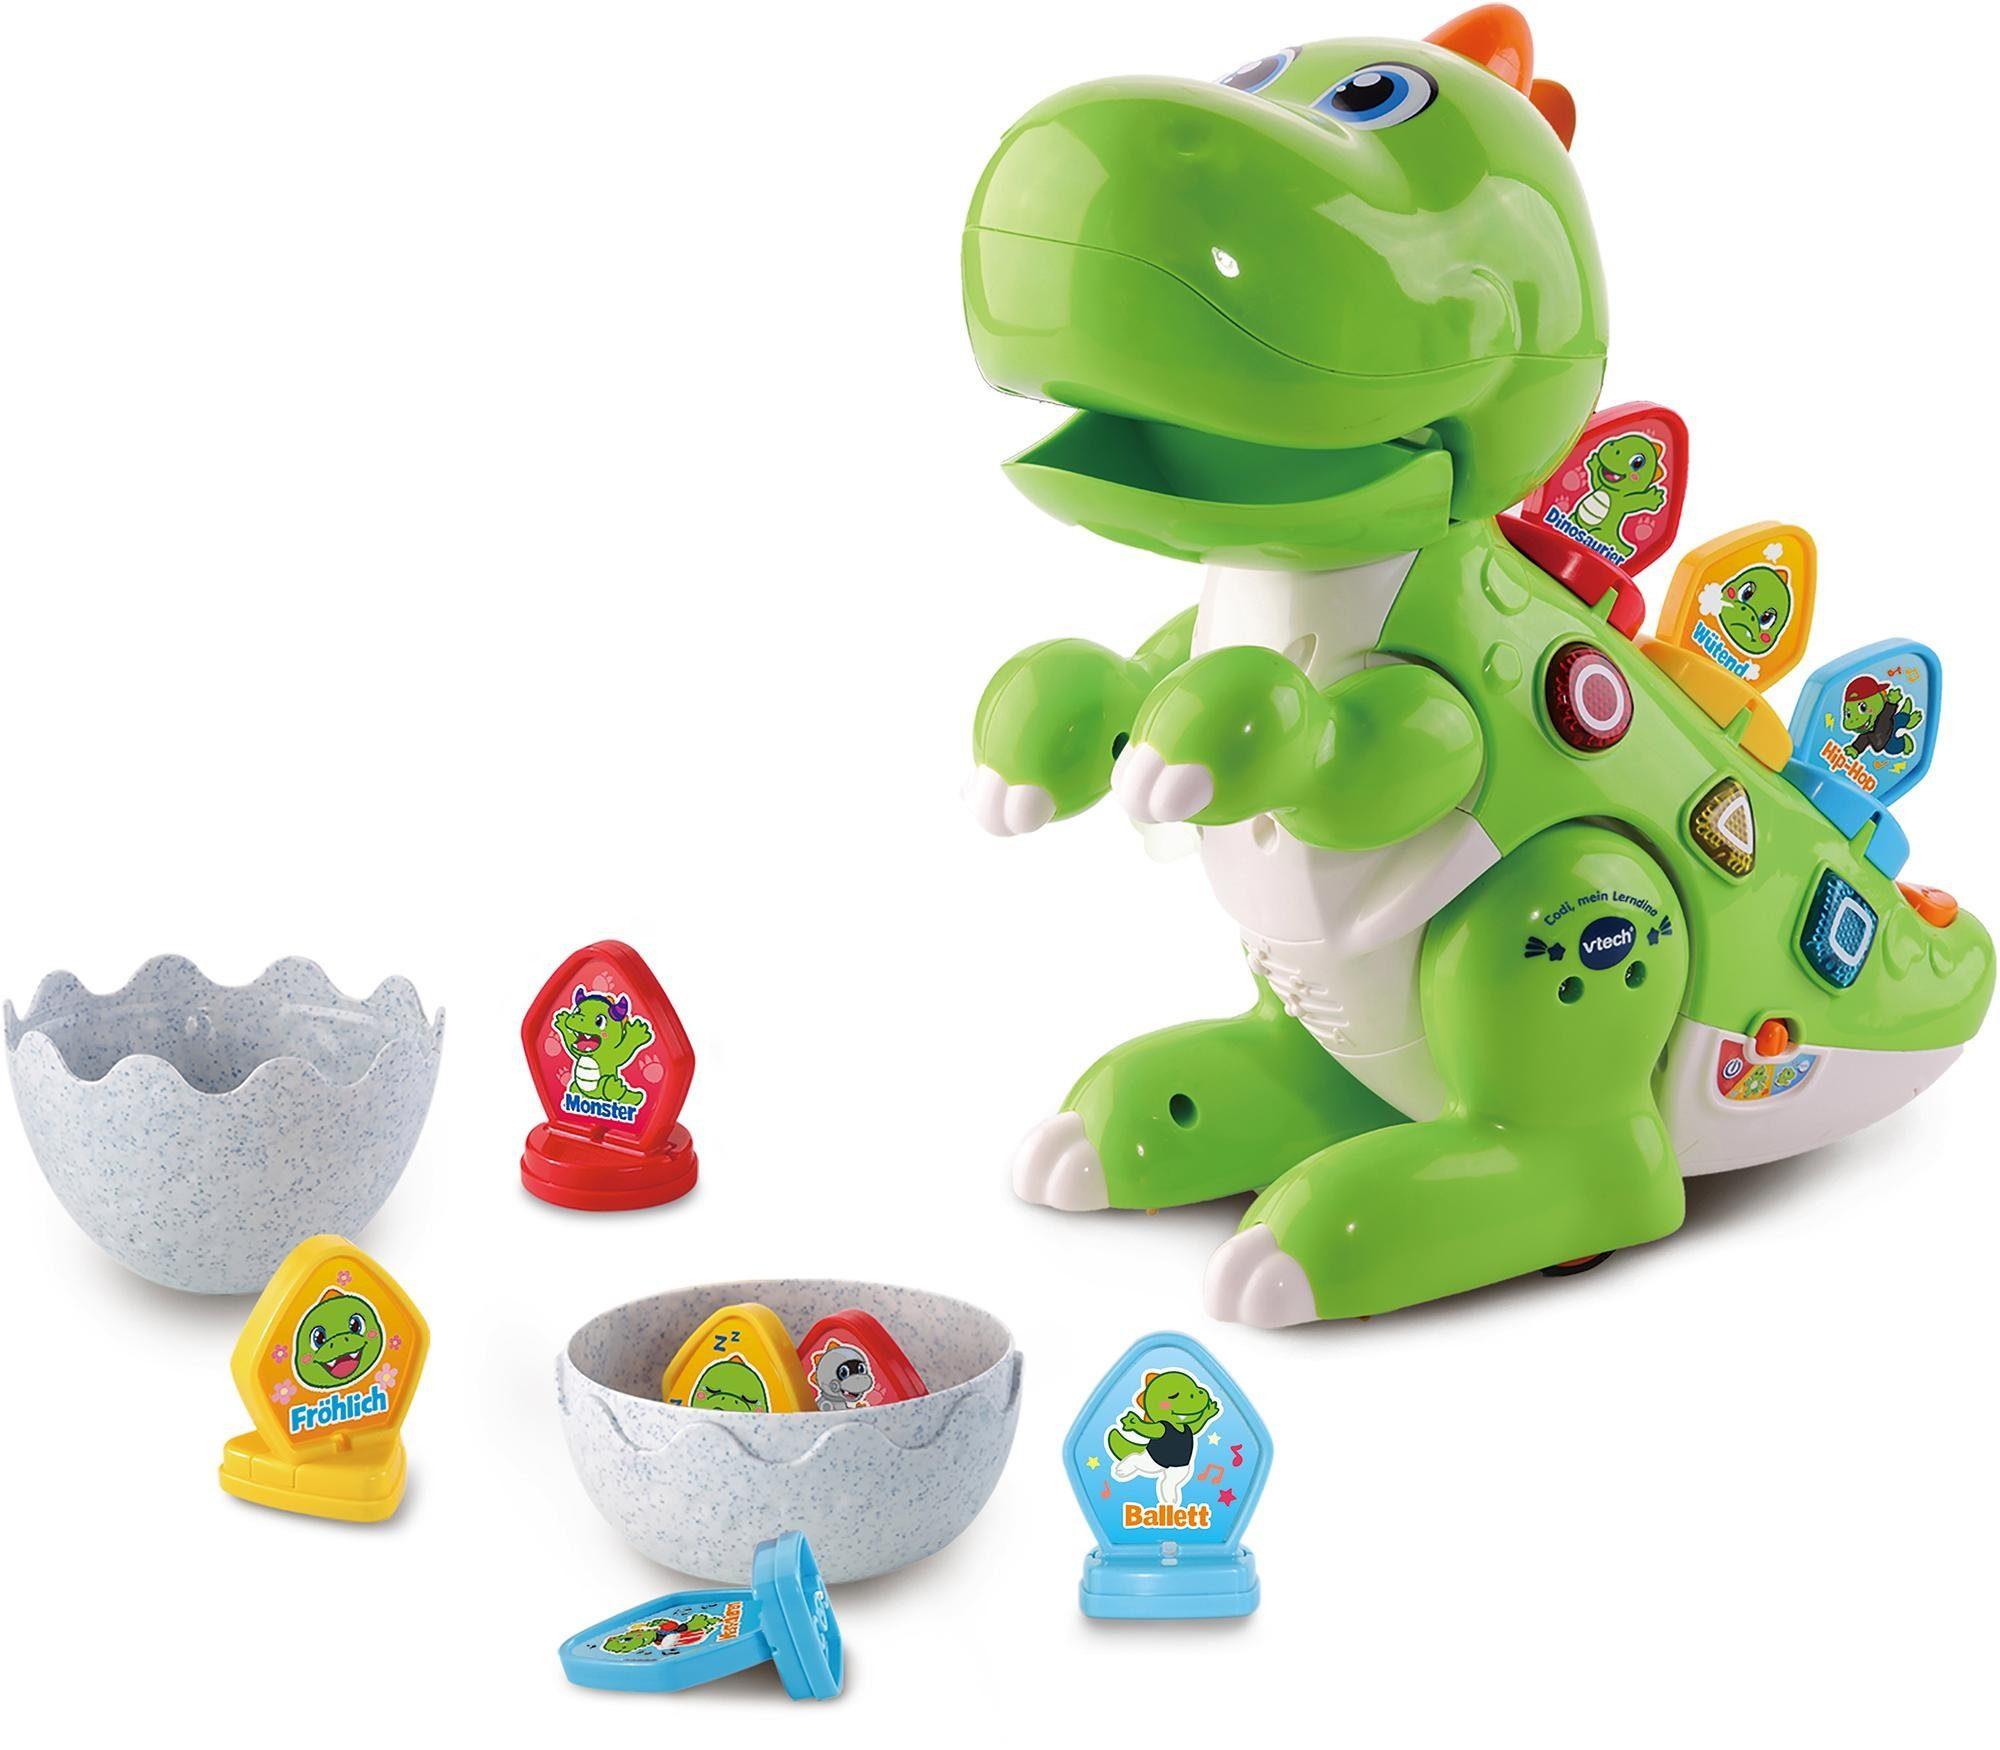 Vtech Lernspielzeug, Codi, mein Lerndino bunt Kinder Lernspiele Lernspielzeug